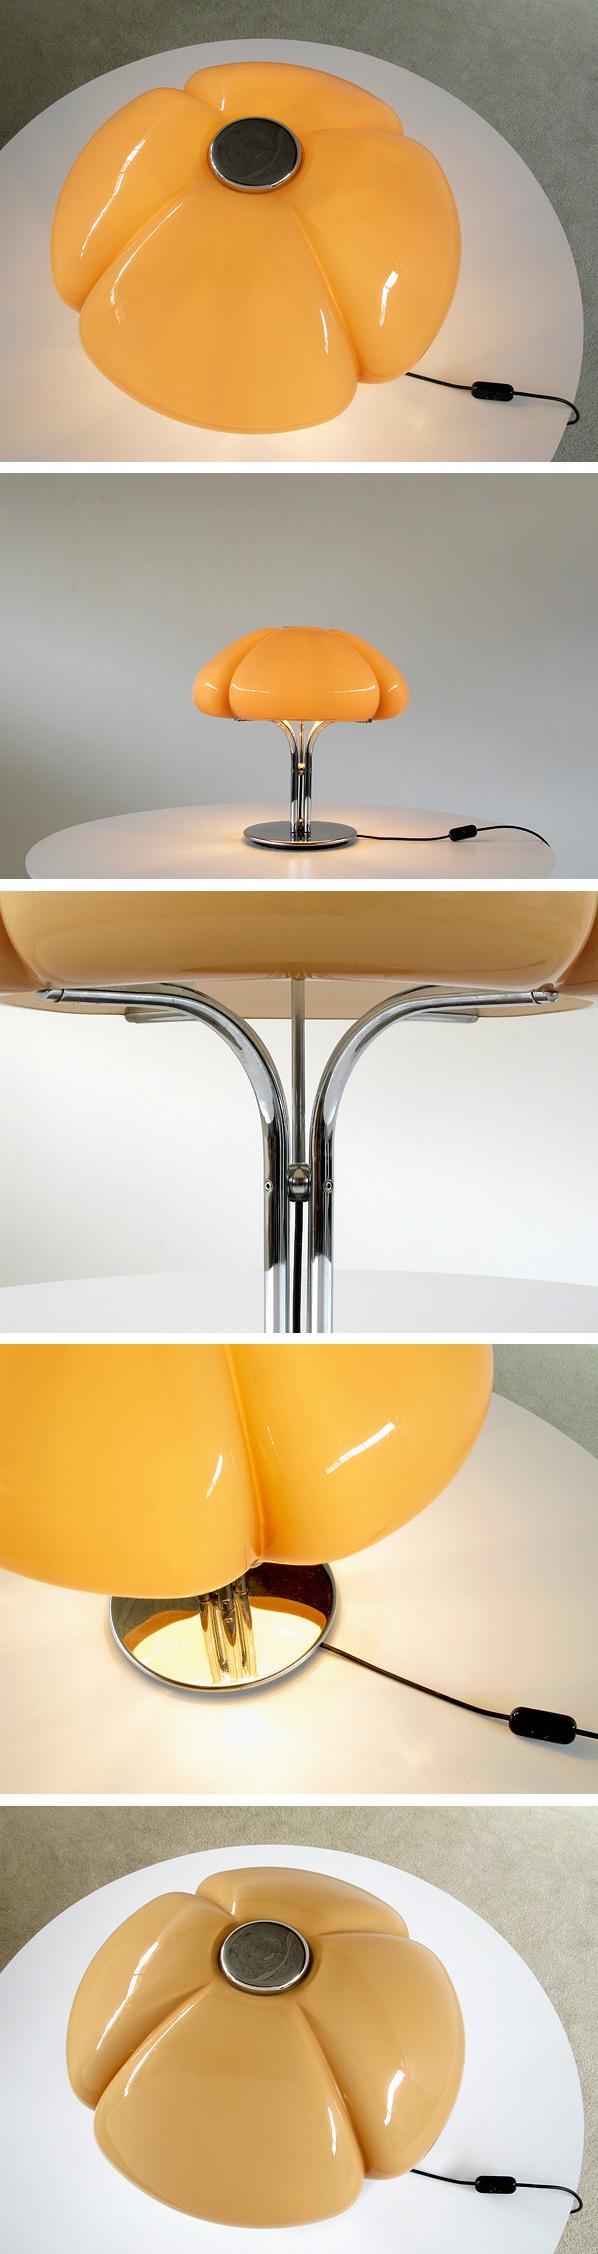 Gae Aulenti table Lamp Quadrifoglio Guzzini Large